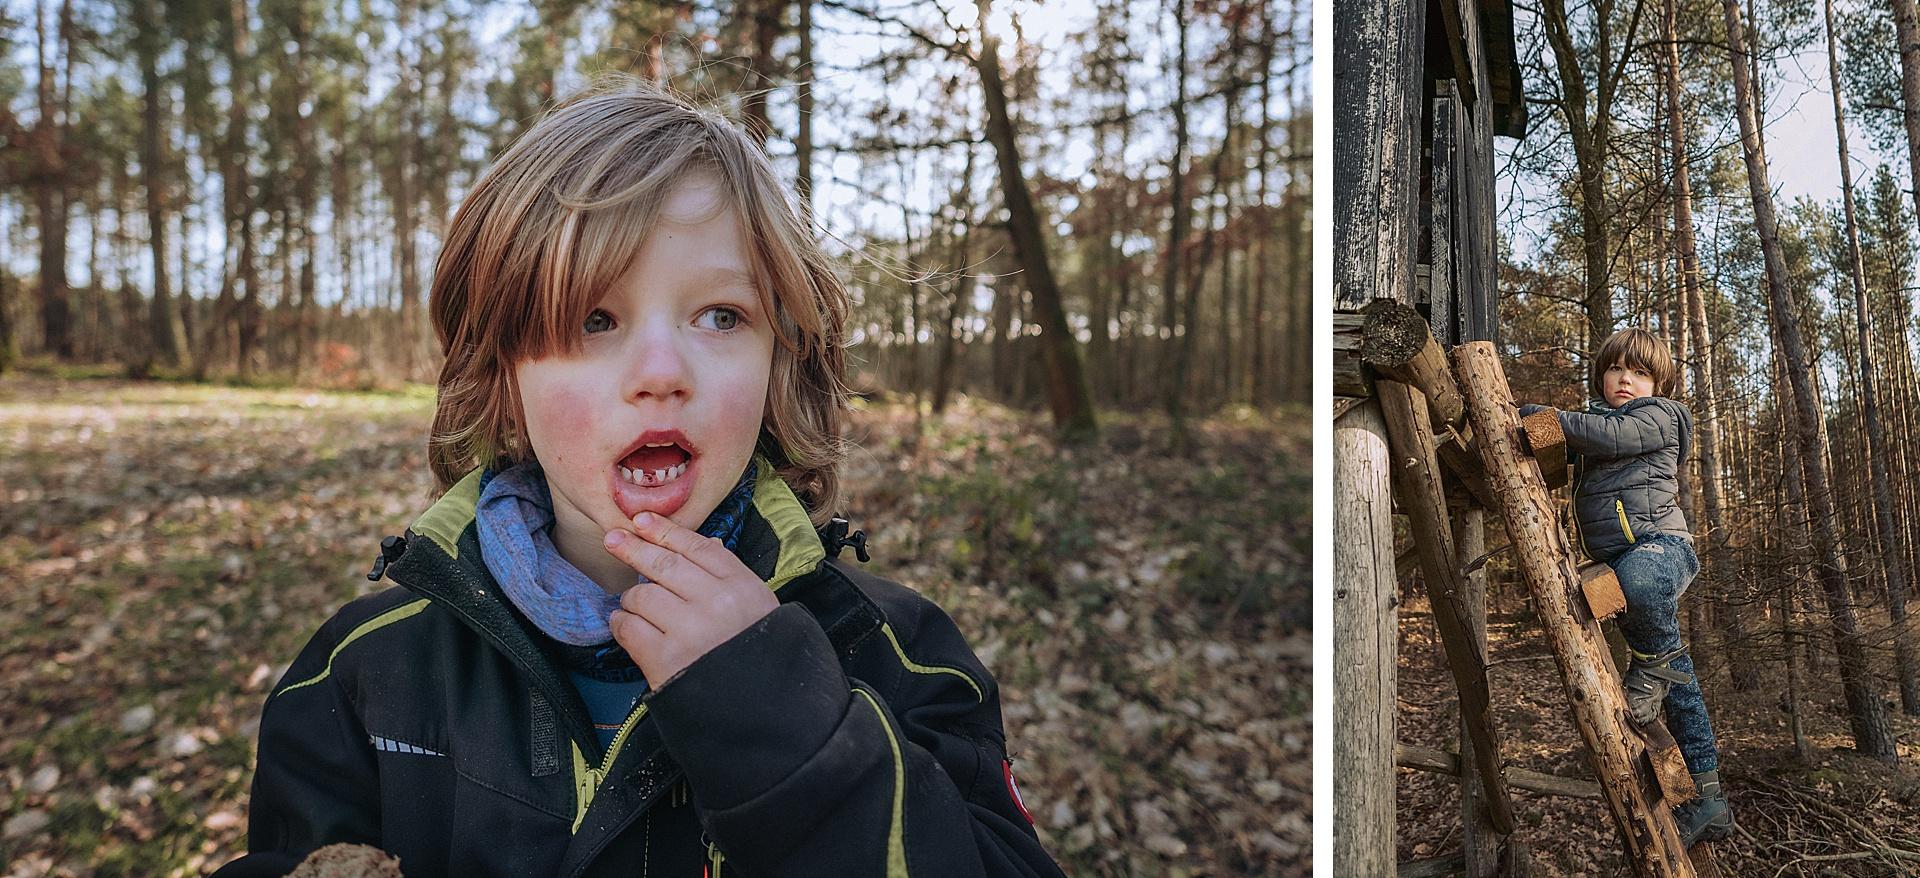 beim Familienausflug den ersten Zahn verlieren